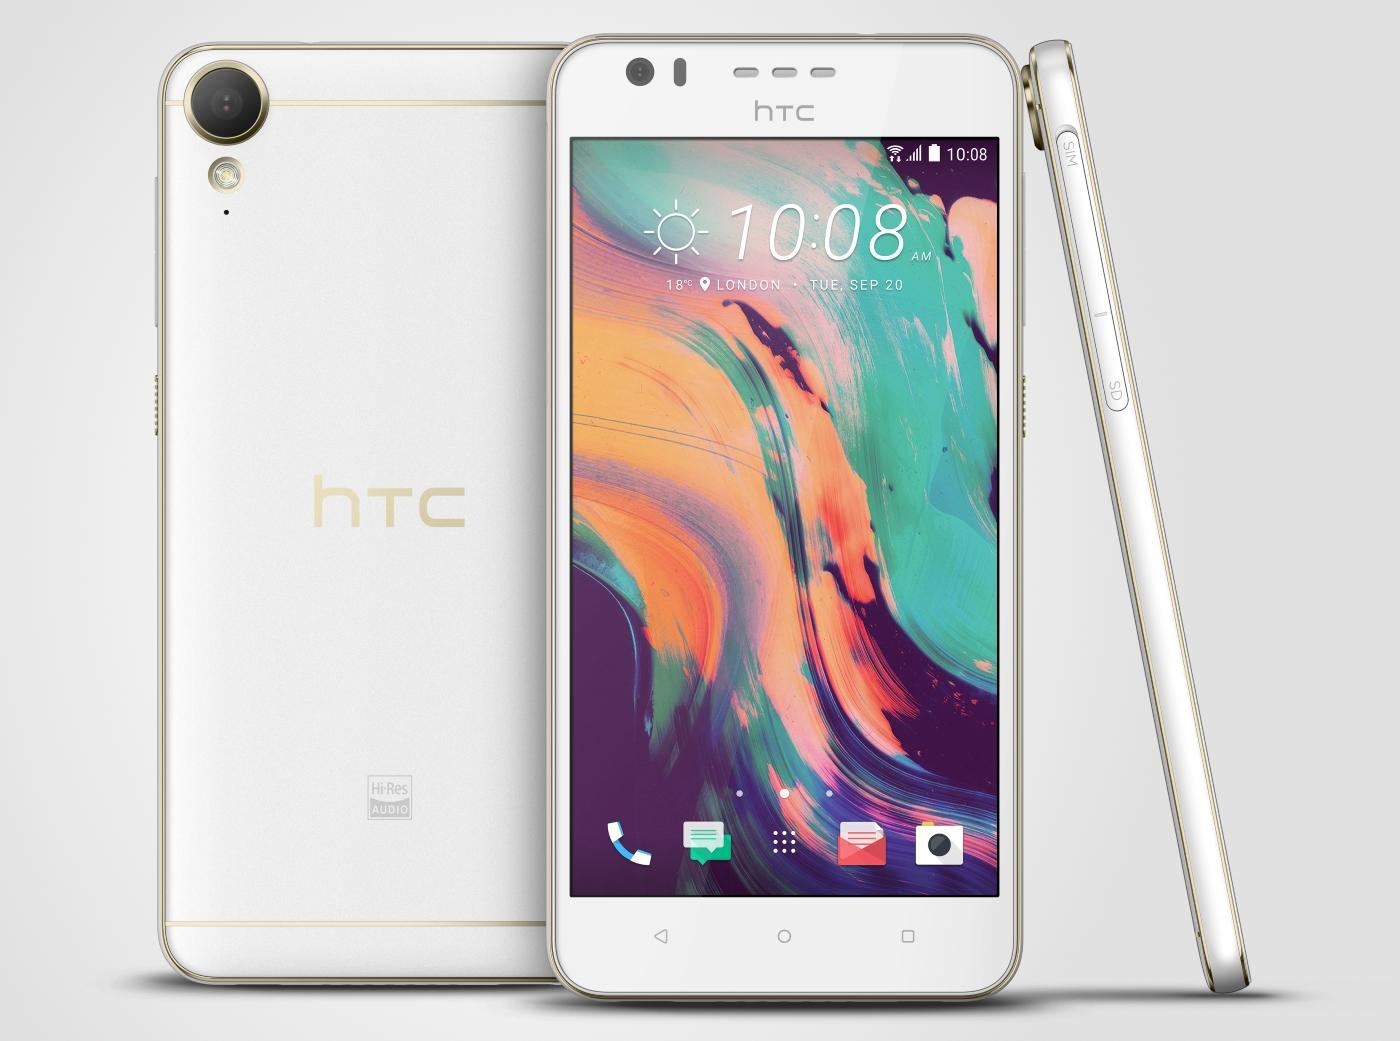 Le HTC 10 commence à recevoir Android 7.0 Nougat